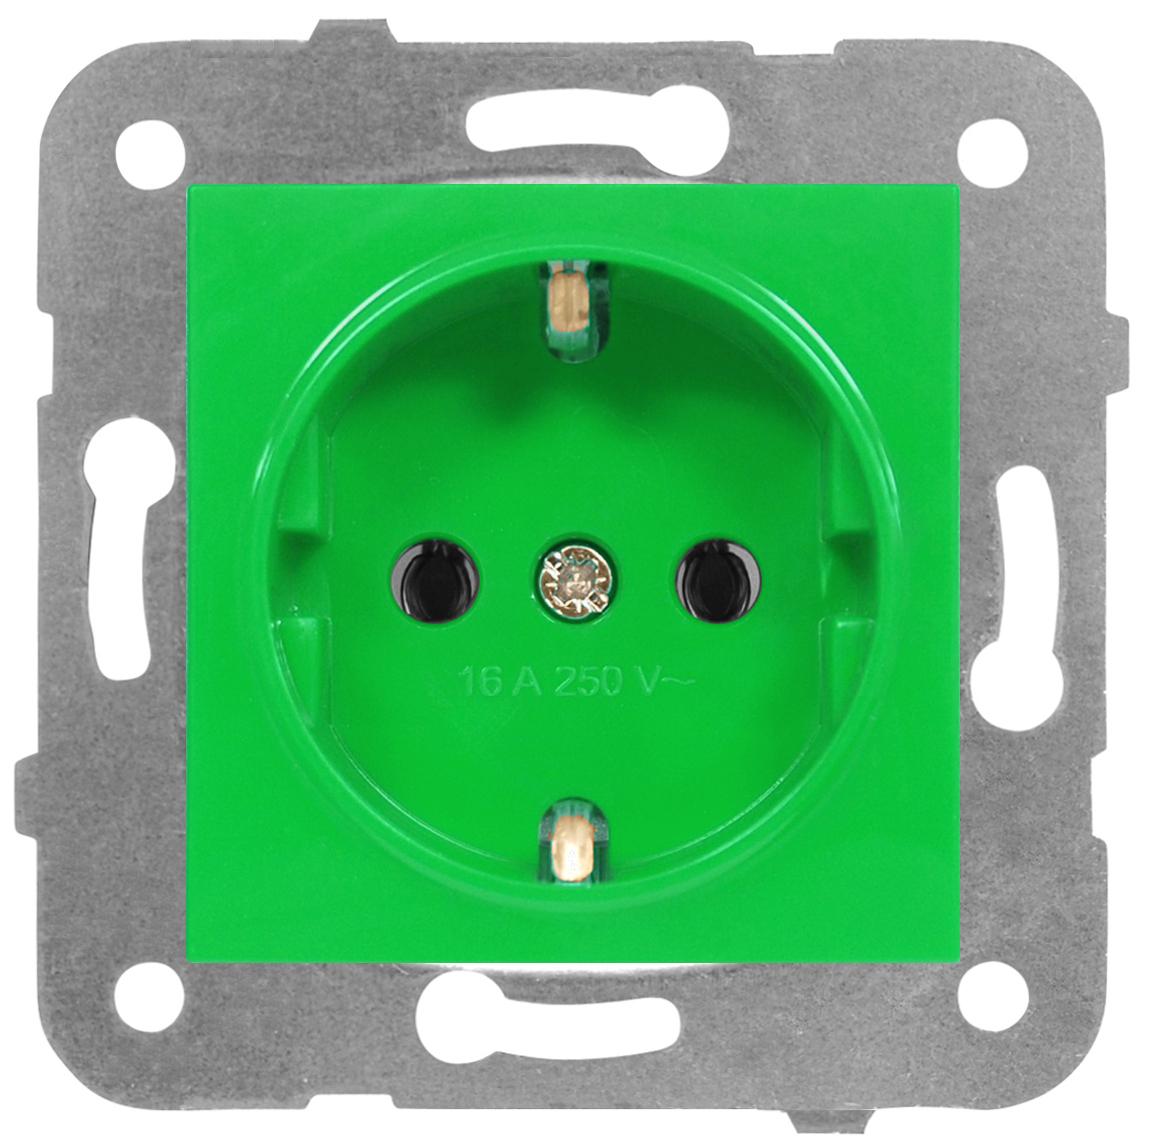 1 Stk Steckdose, grün, Steckklemmen EV101011--